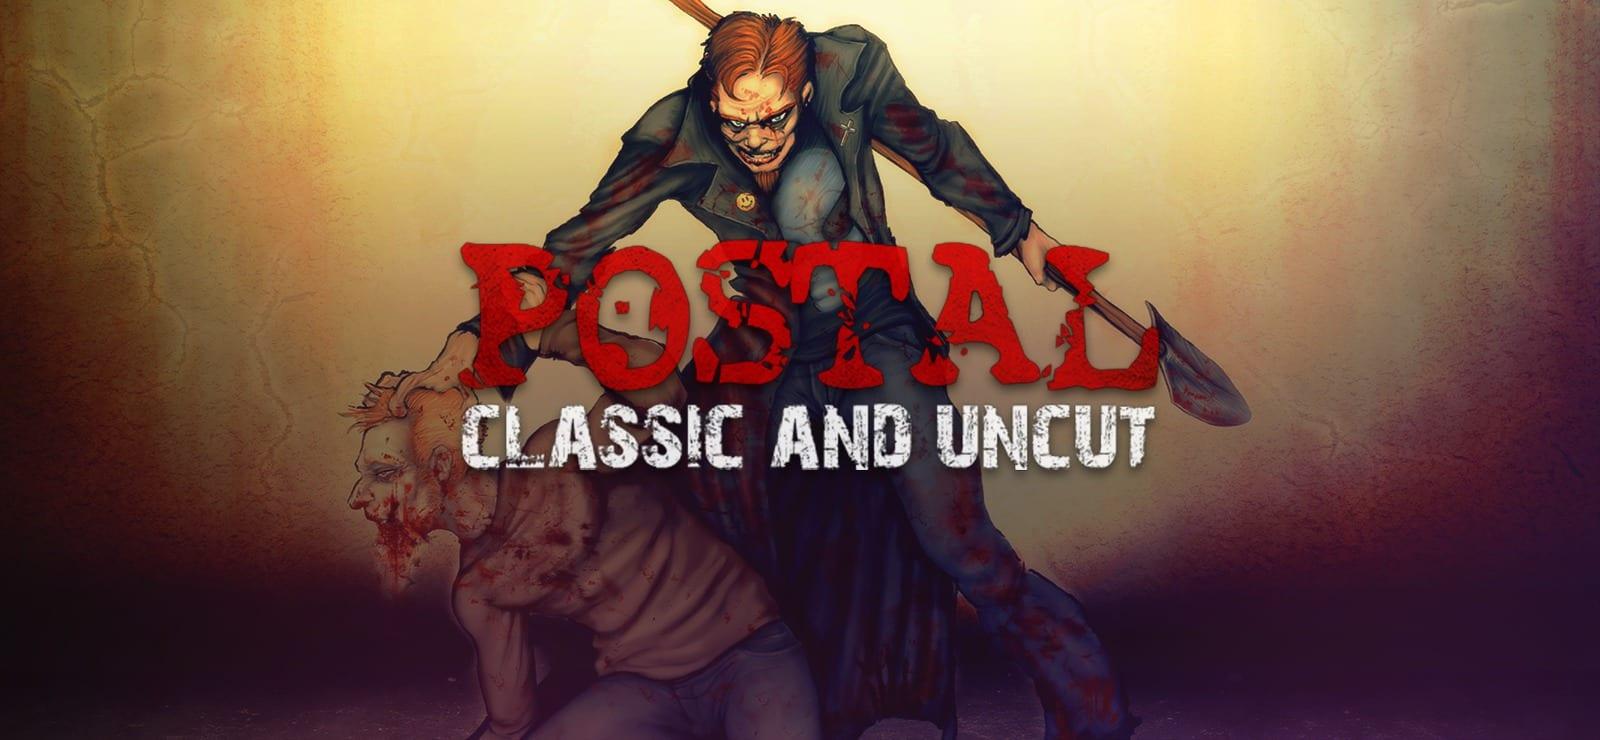 Postal: Classic And Uncut